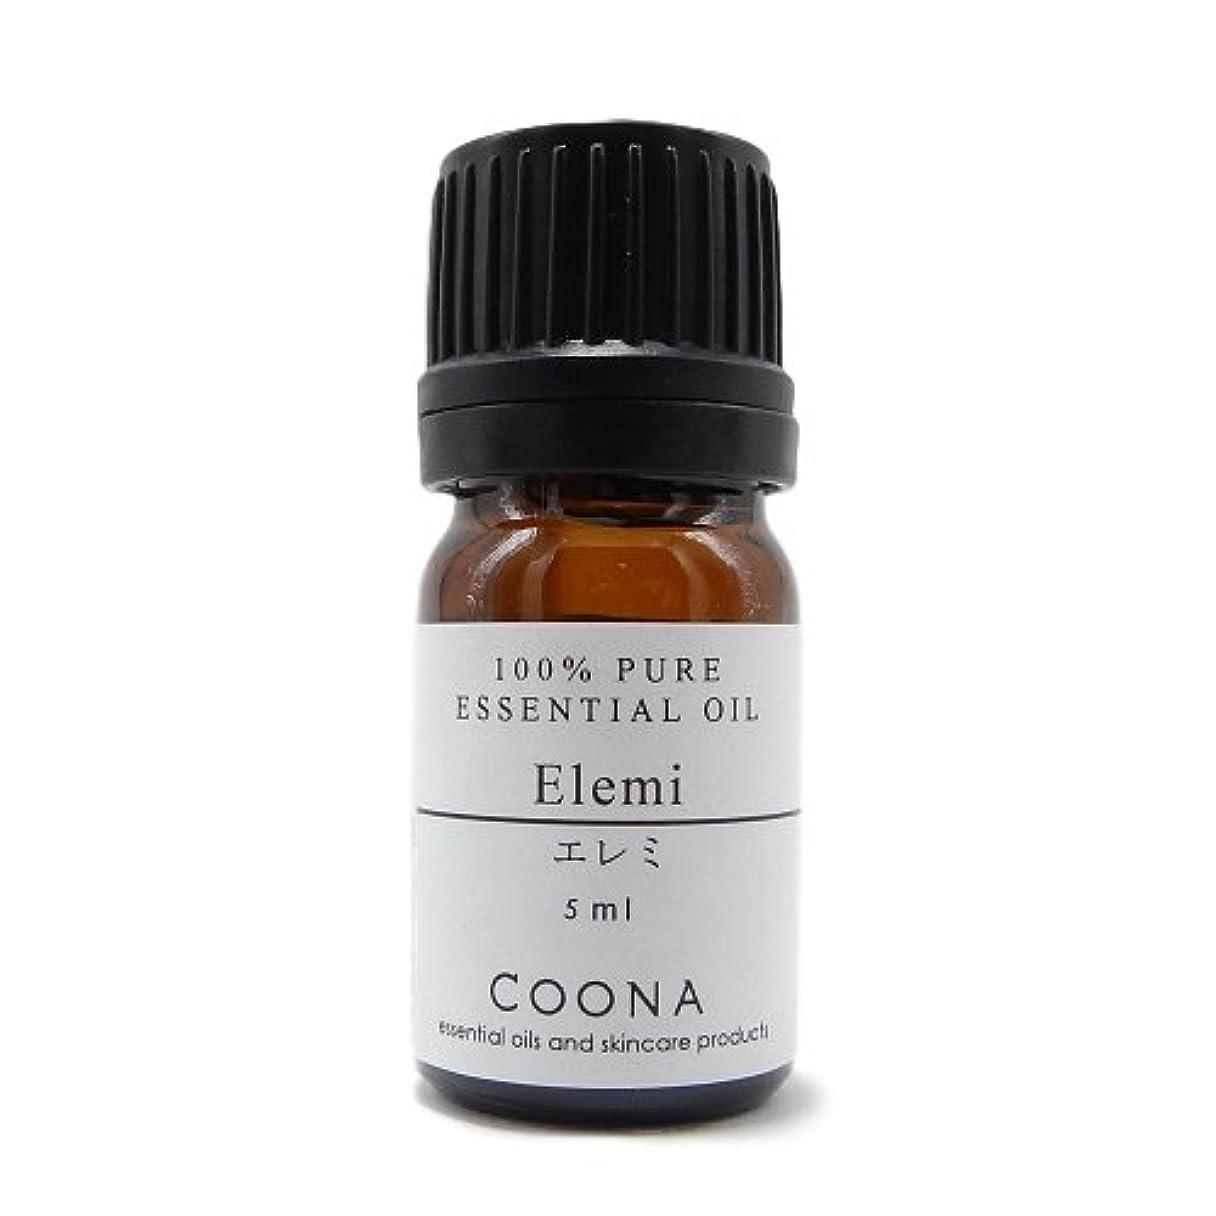 ウィスキー恥ずかしさアジテーションエレミ 5 ml (COONA エッセンシャルオイル アロマオイル 100%天然植物精油)